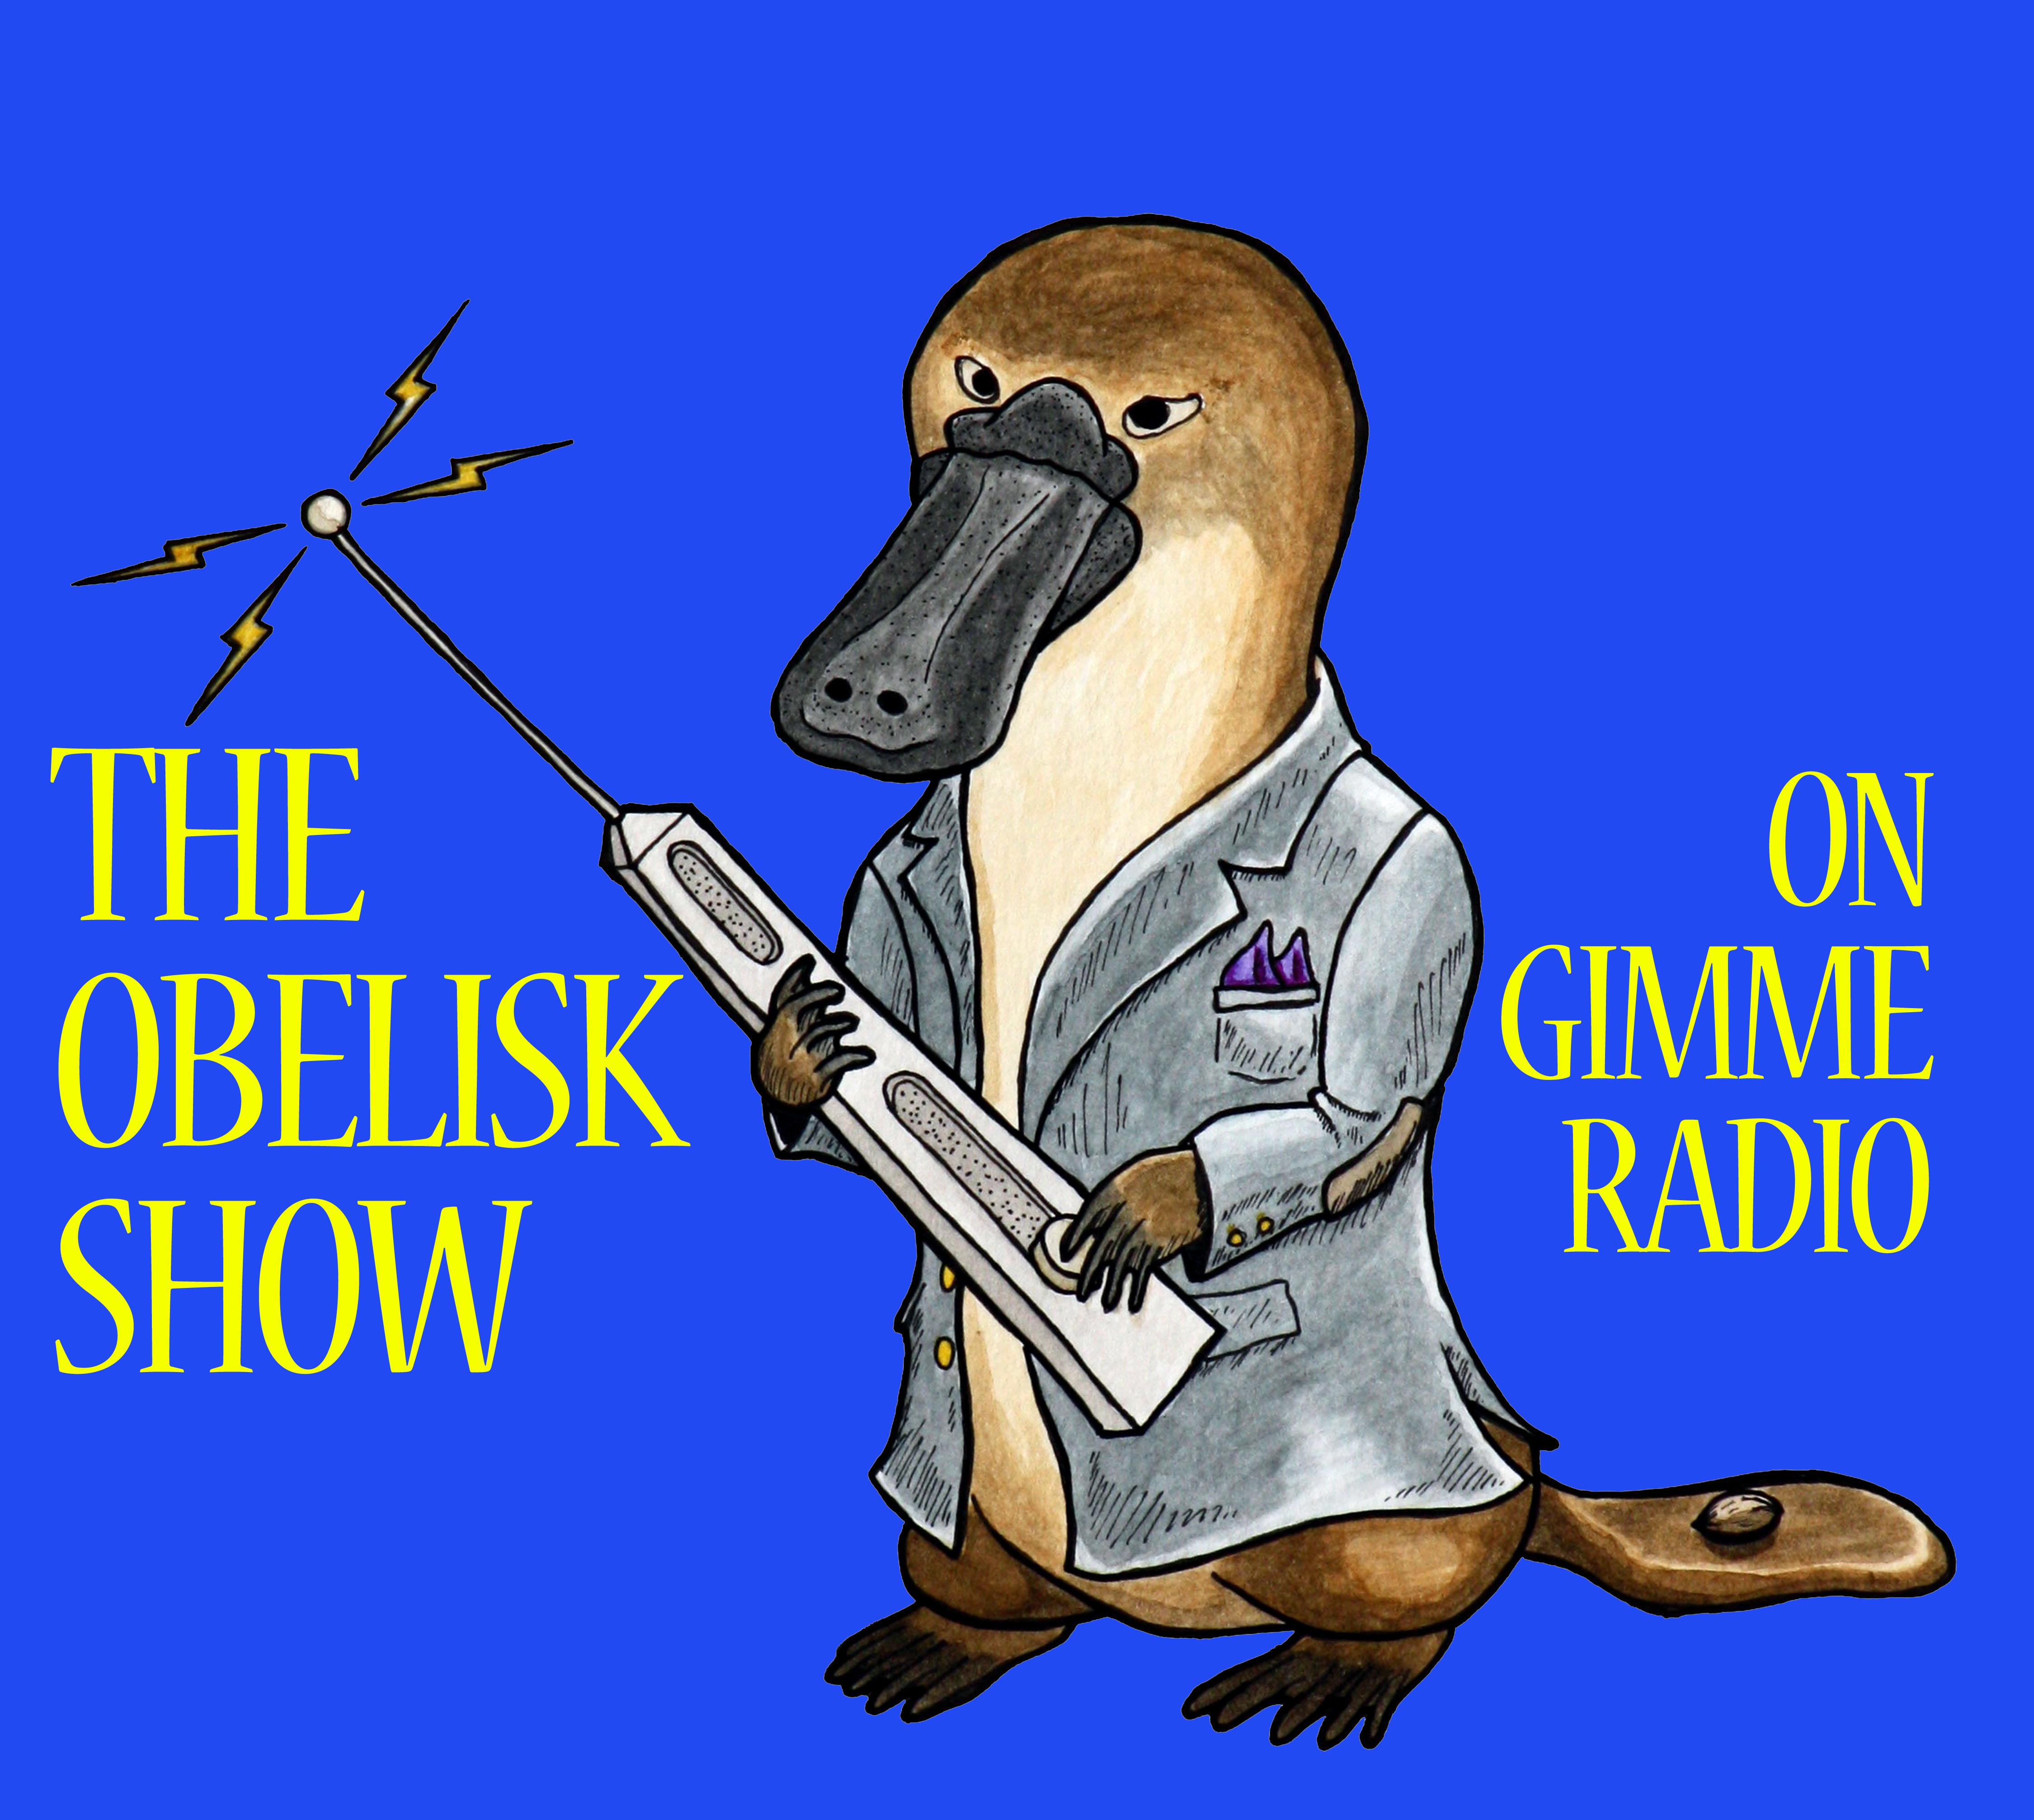 the obelisk show banner